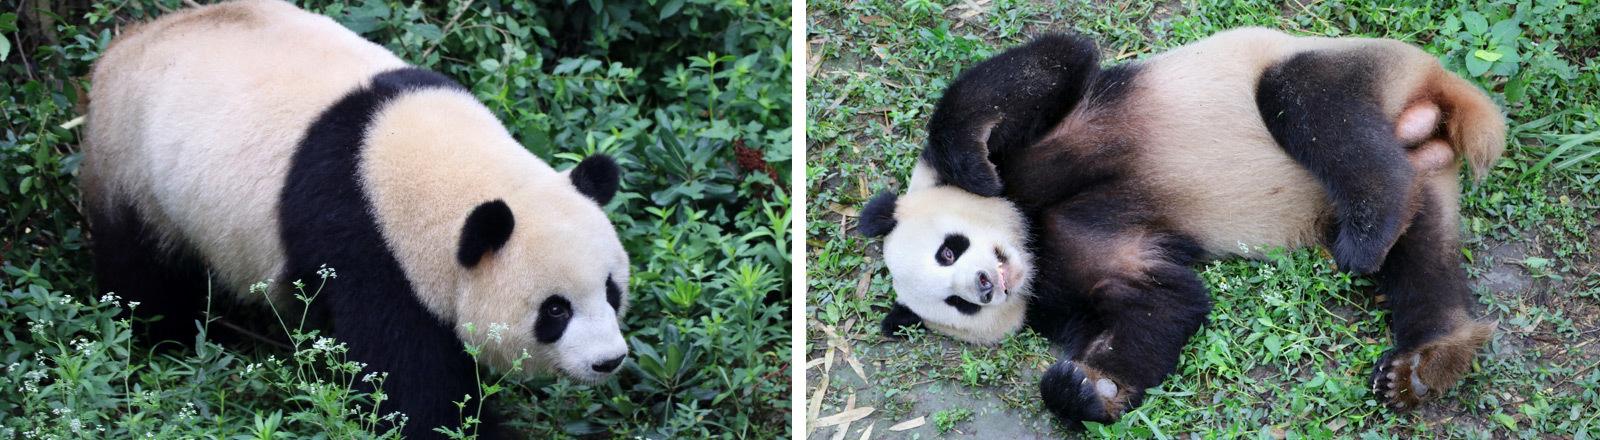 Zwei Pandabären in der Panda-Aufzuchtstation Chengdu.